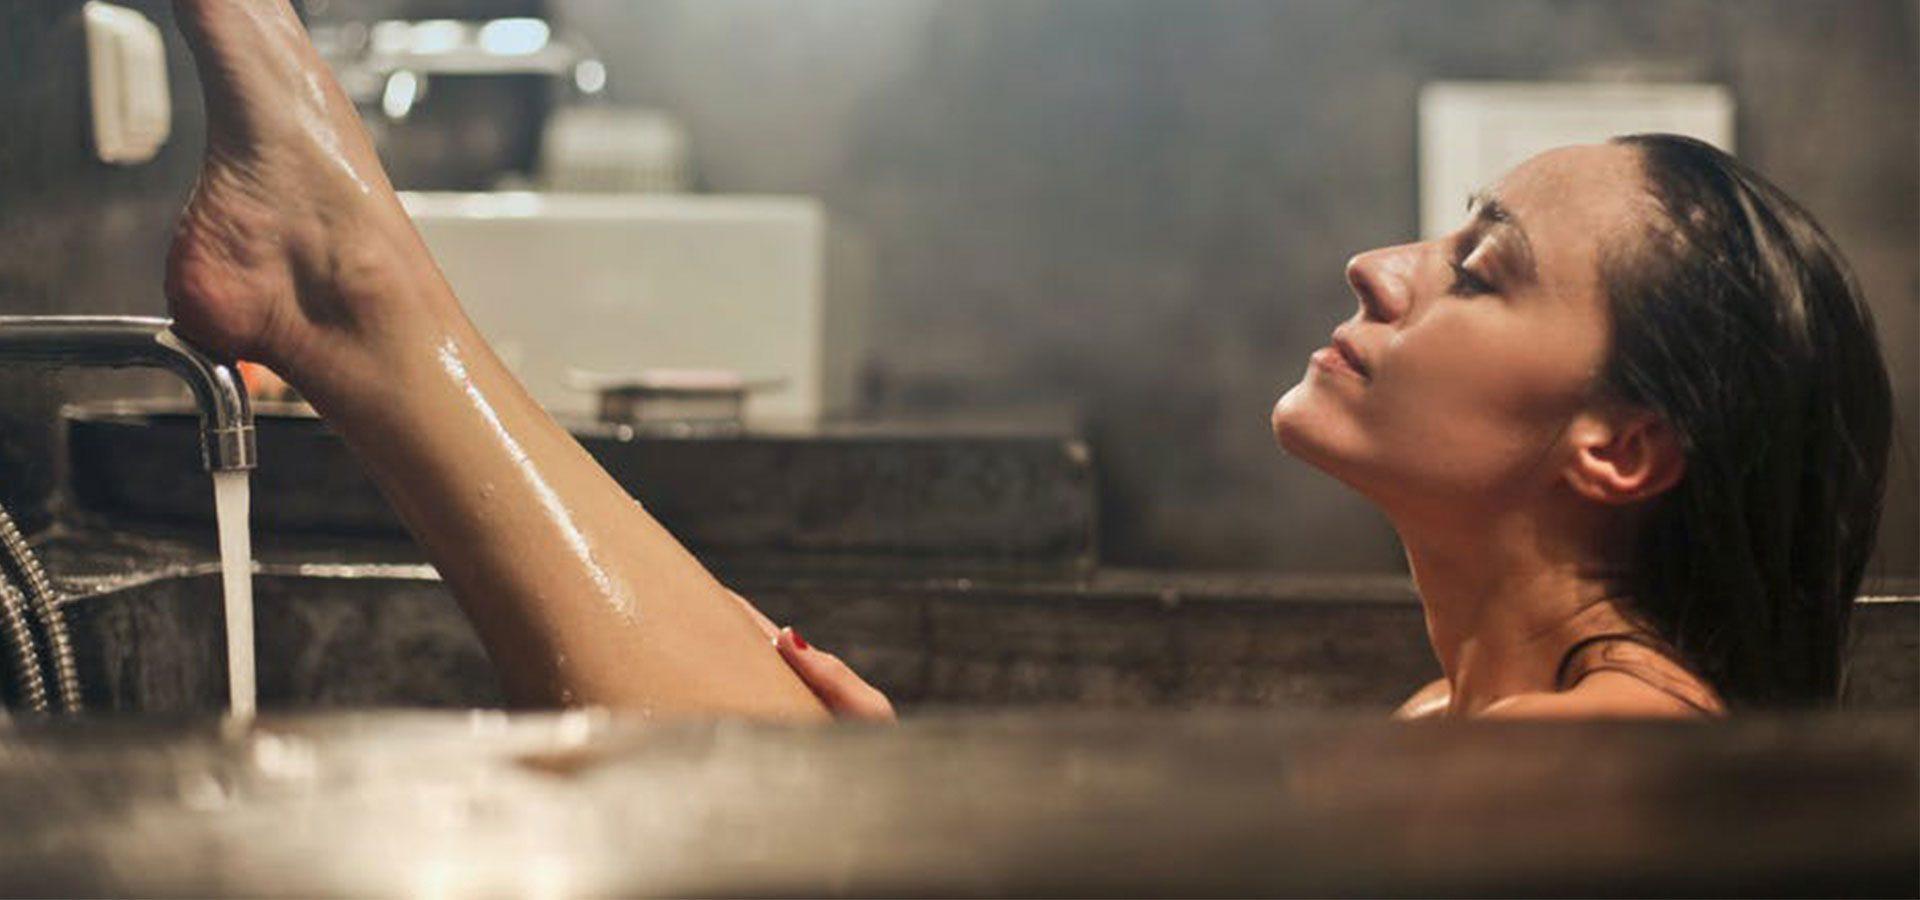 relax bath 1920x900lower